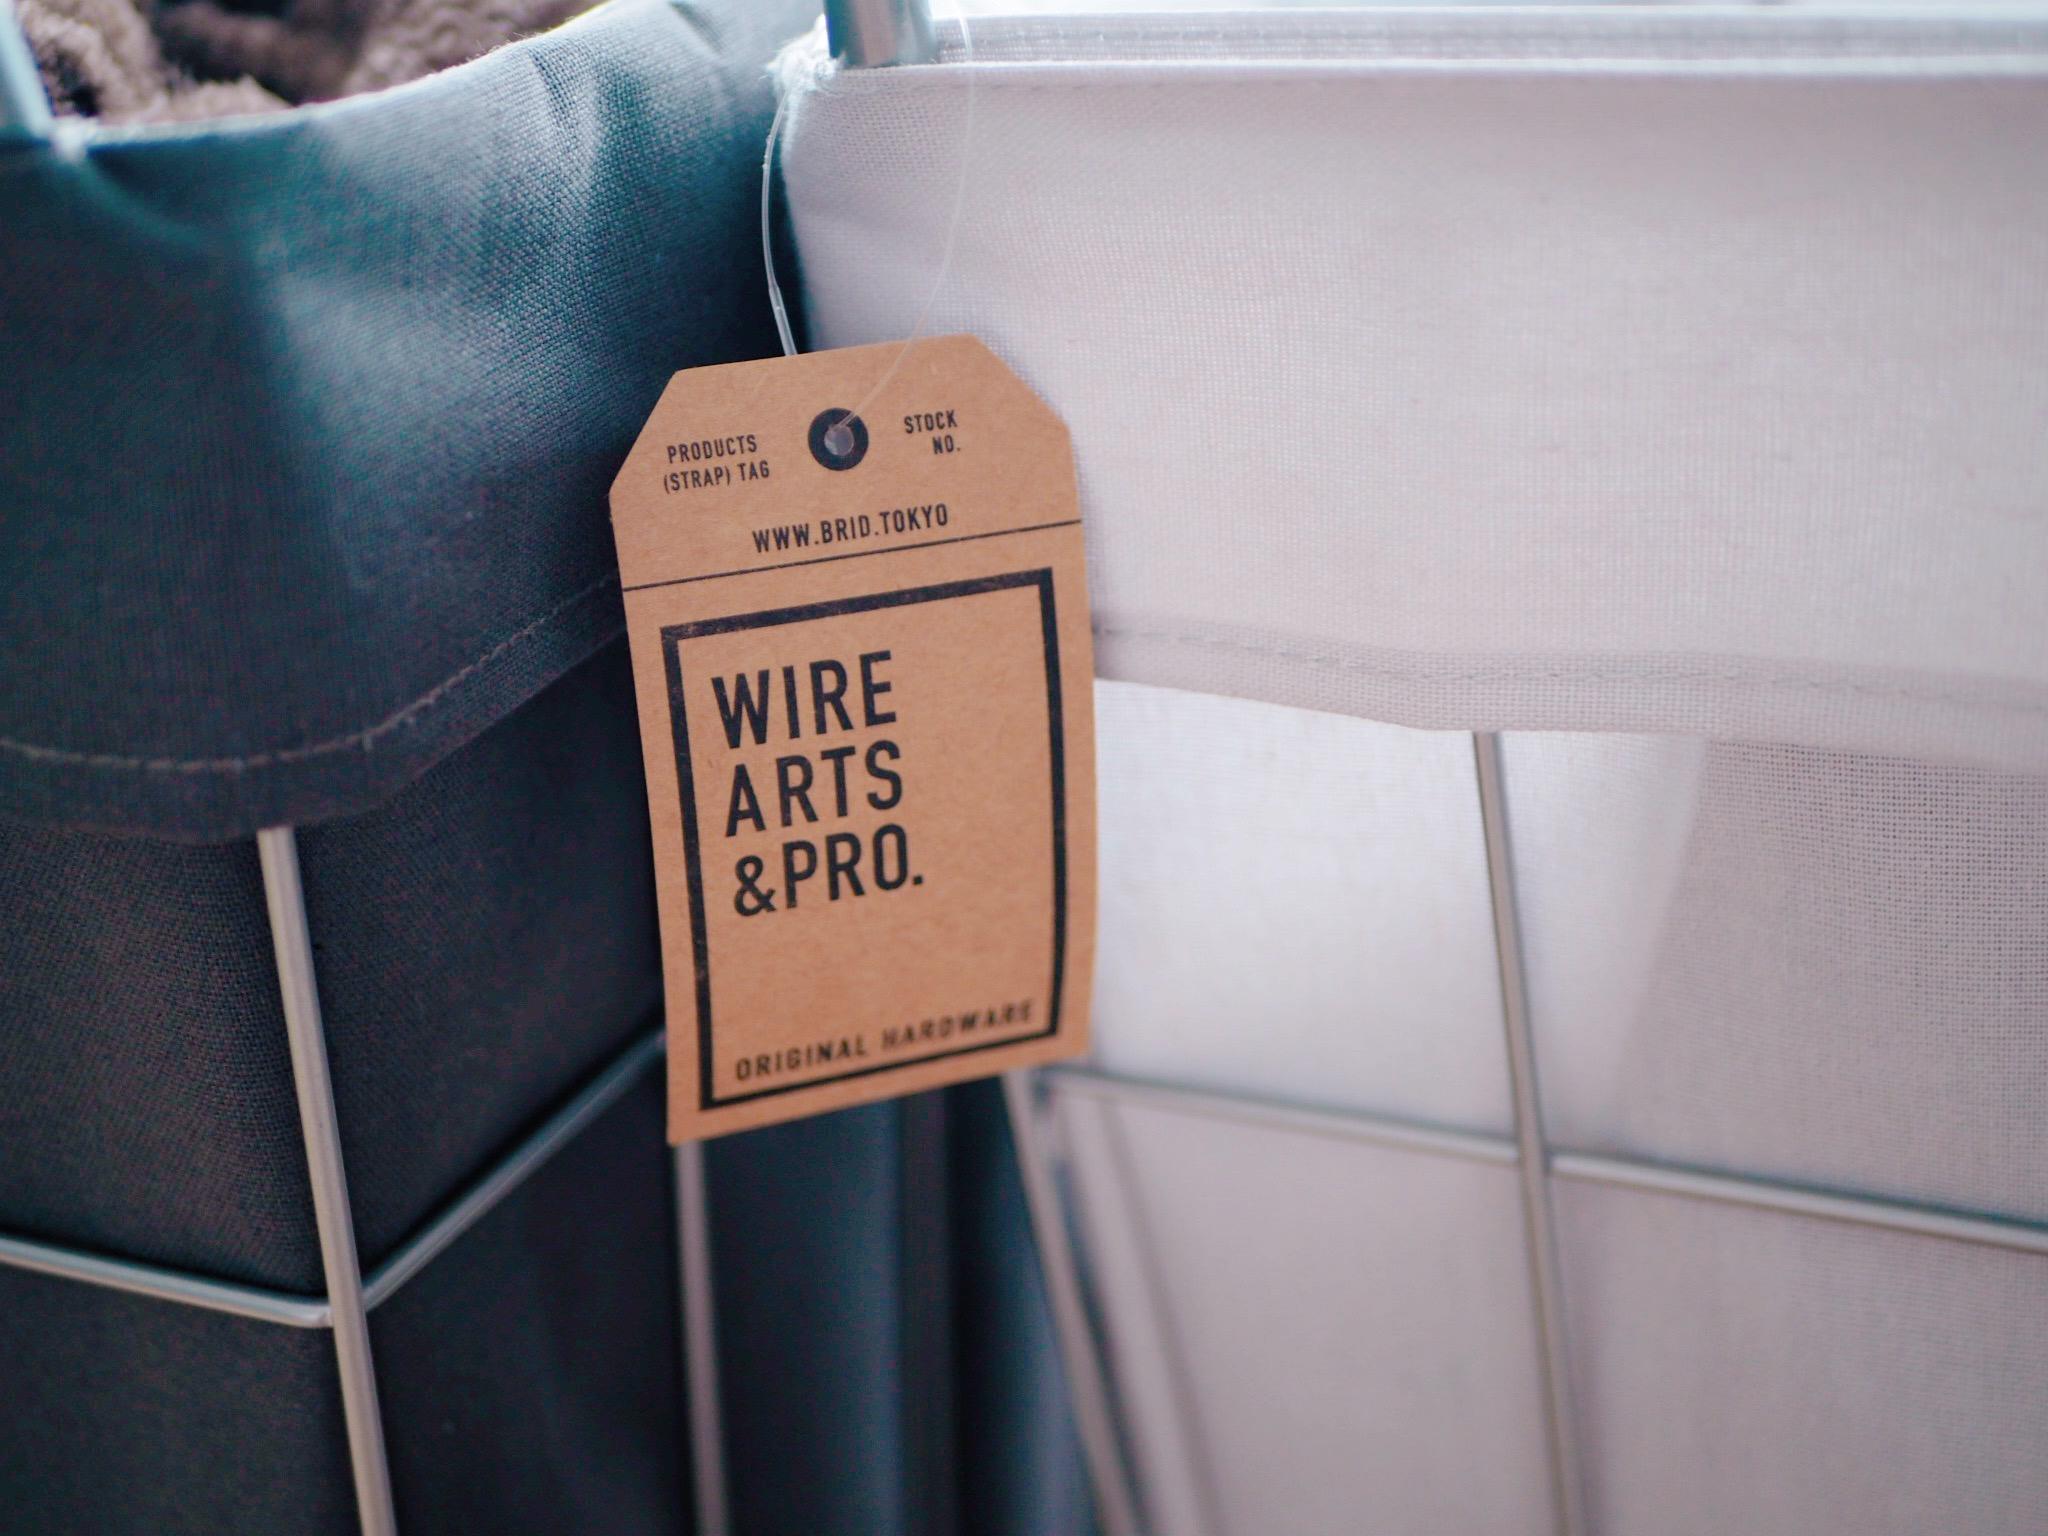 【ランドリーラック】お洗濯が楽しく楽ちんに♩ インテリアにもおすすめの【WIRE& ARTS PRO】❤︎_1